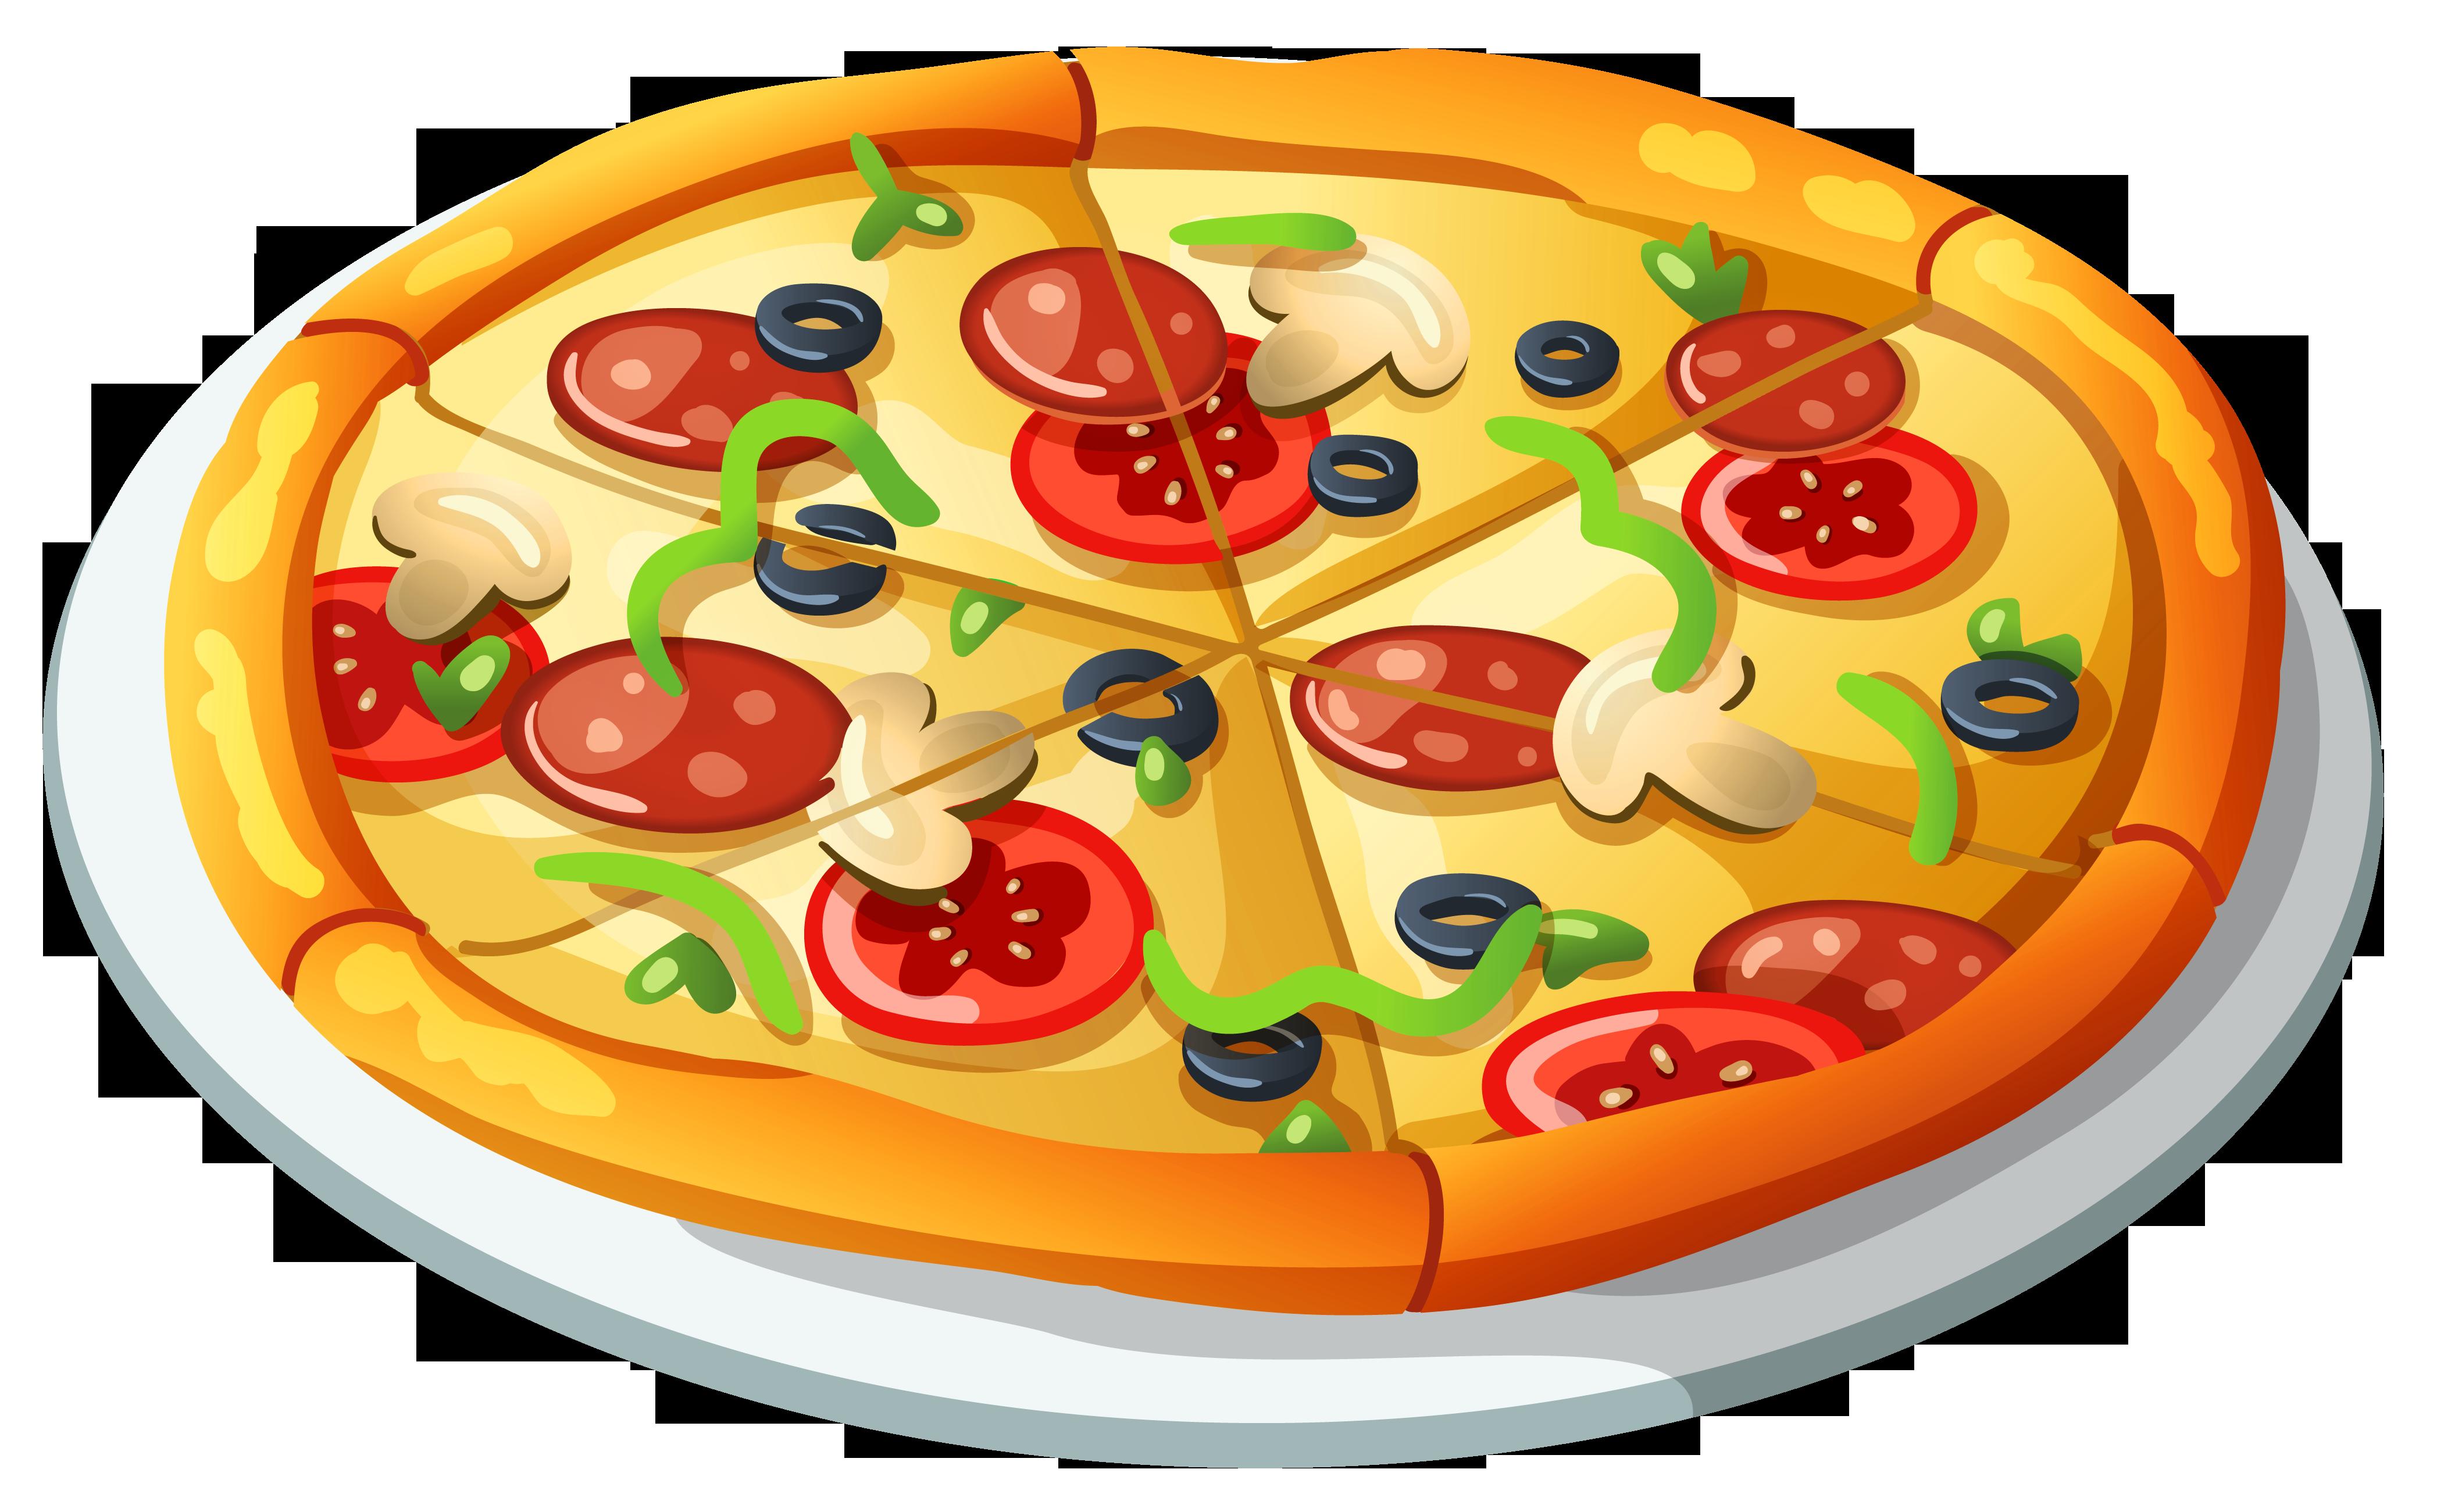 Pizza clip art tumundografico